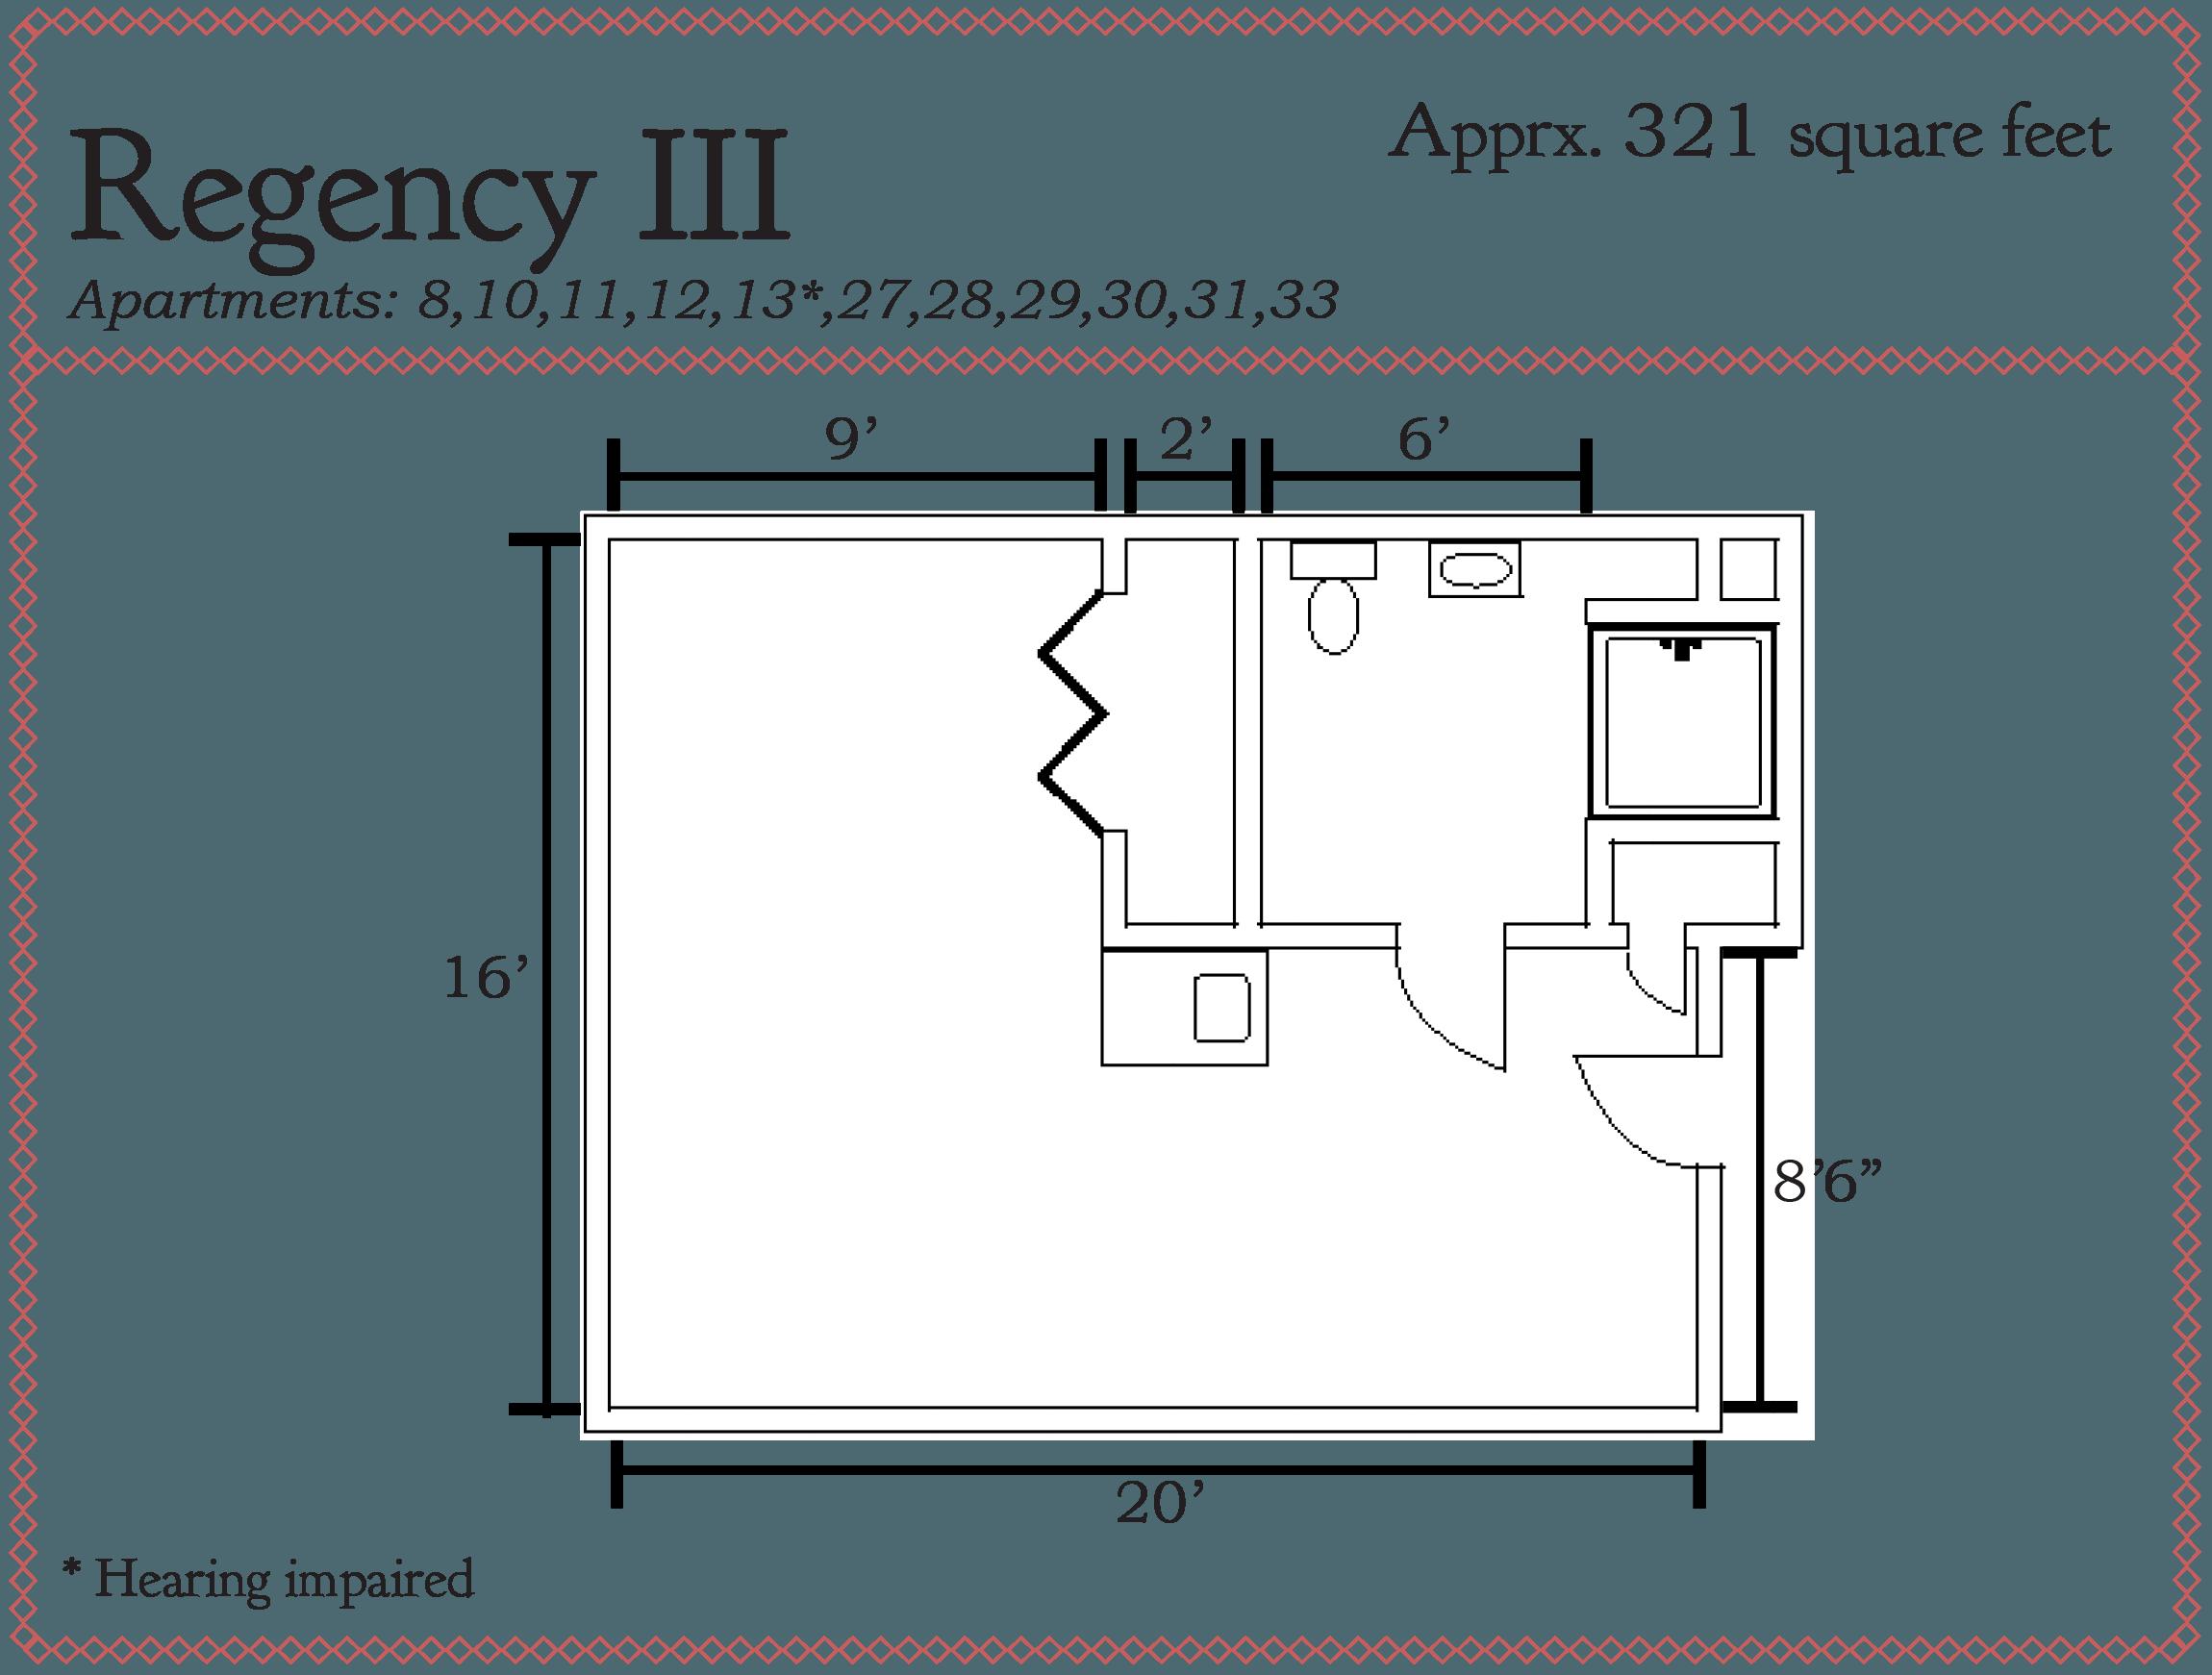 Regency III